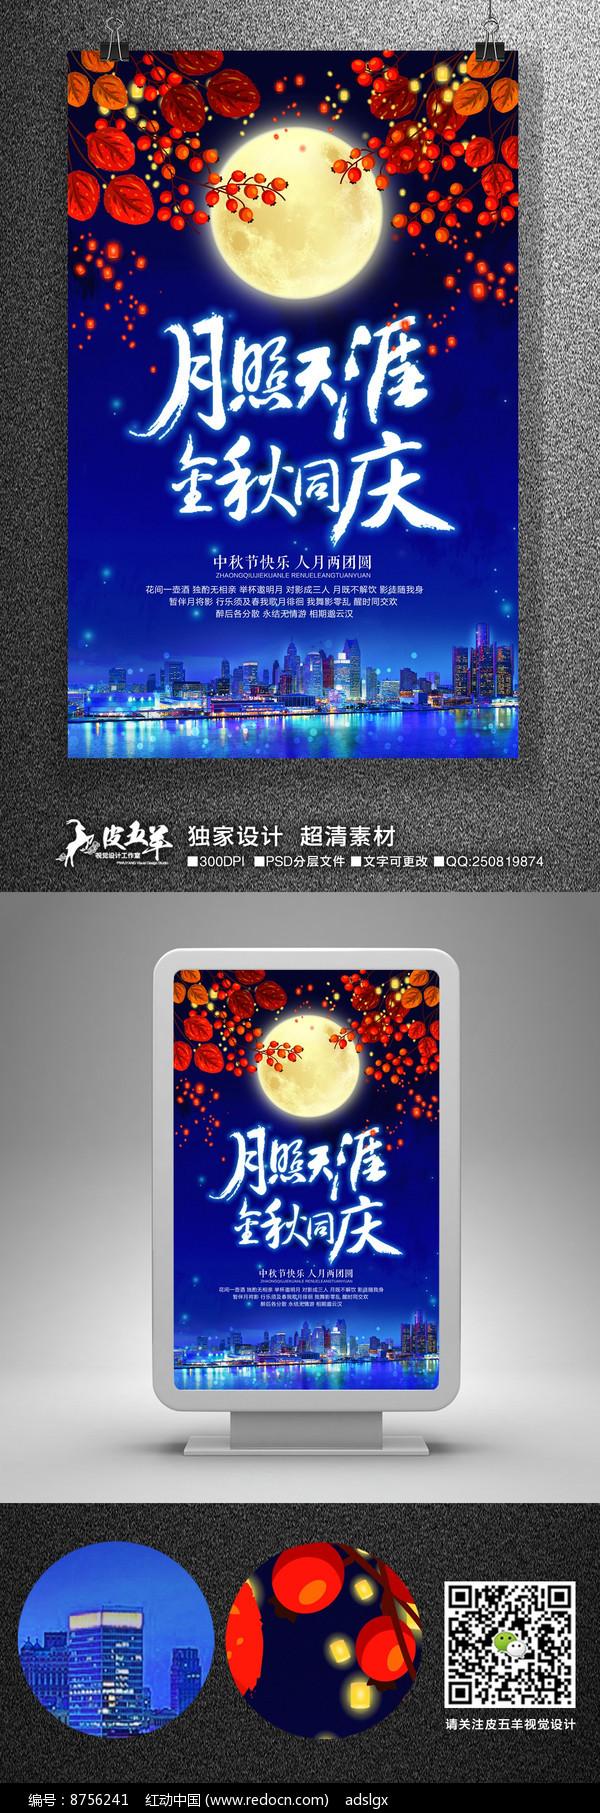 唯美星夜中秋节晚会海报图片